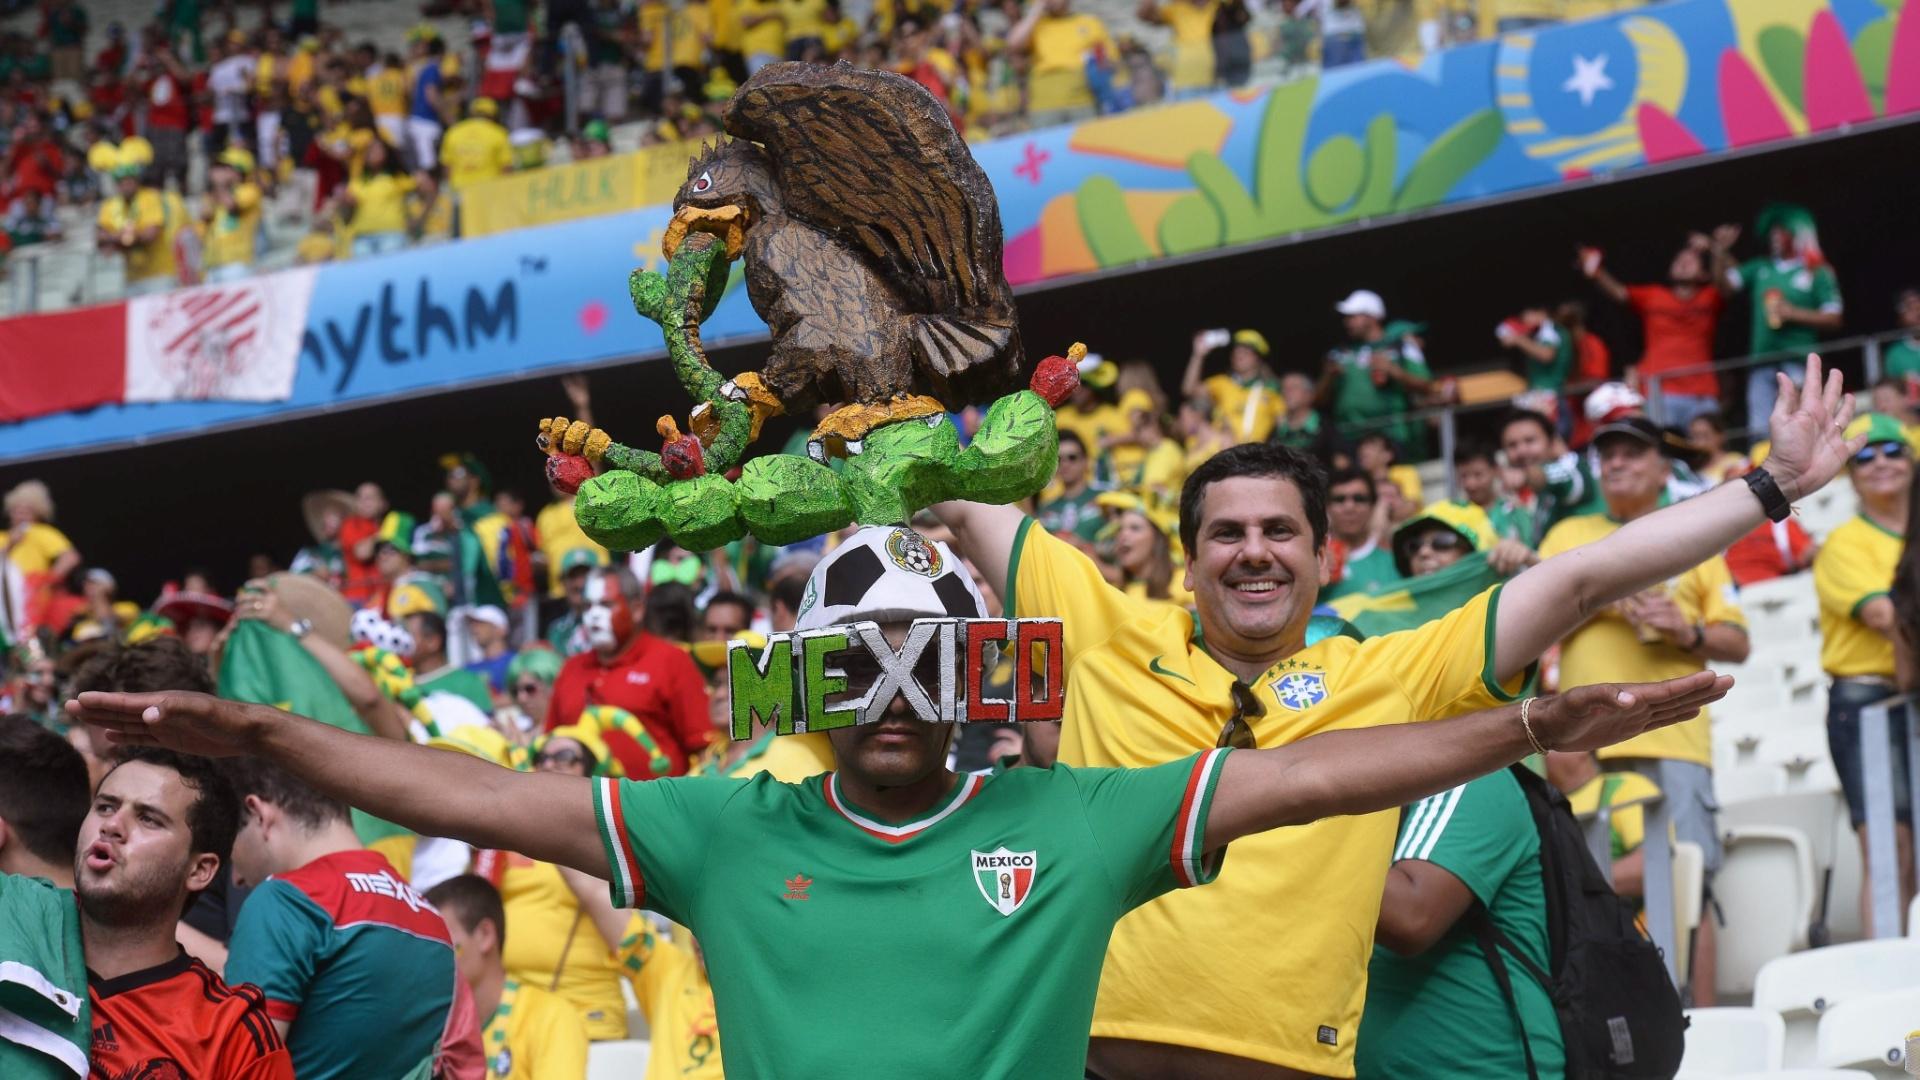 Torcedor mexicano ousa no adereço dentro do Castelão, na torcida contra o Brasil